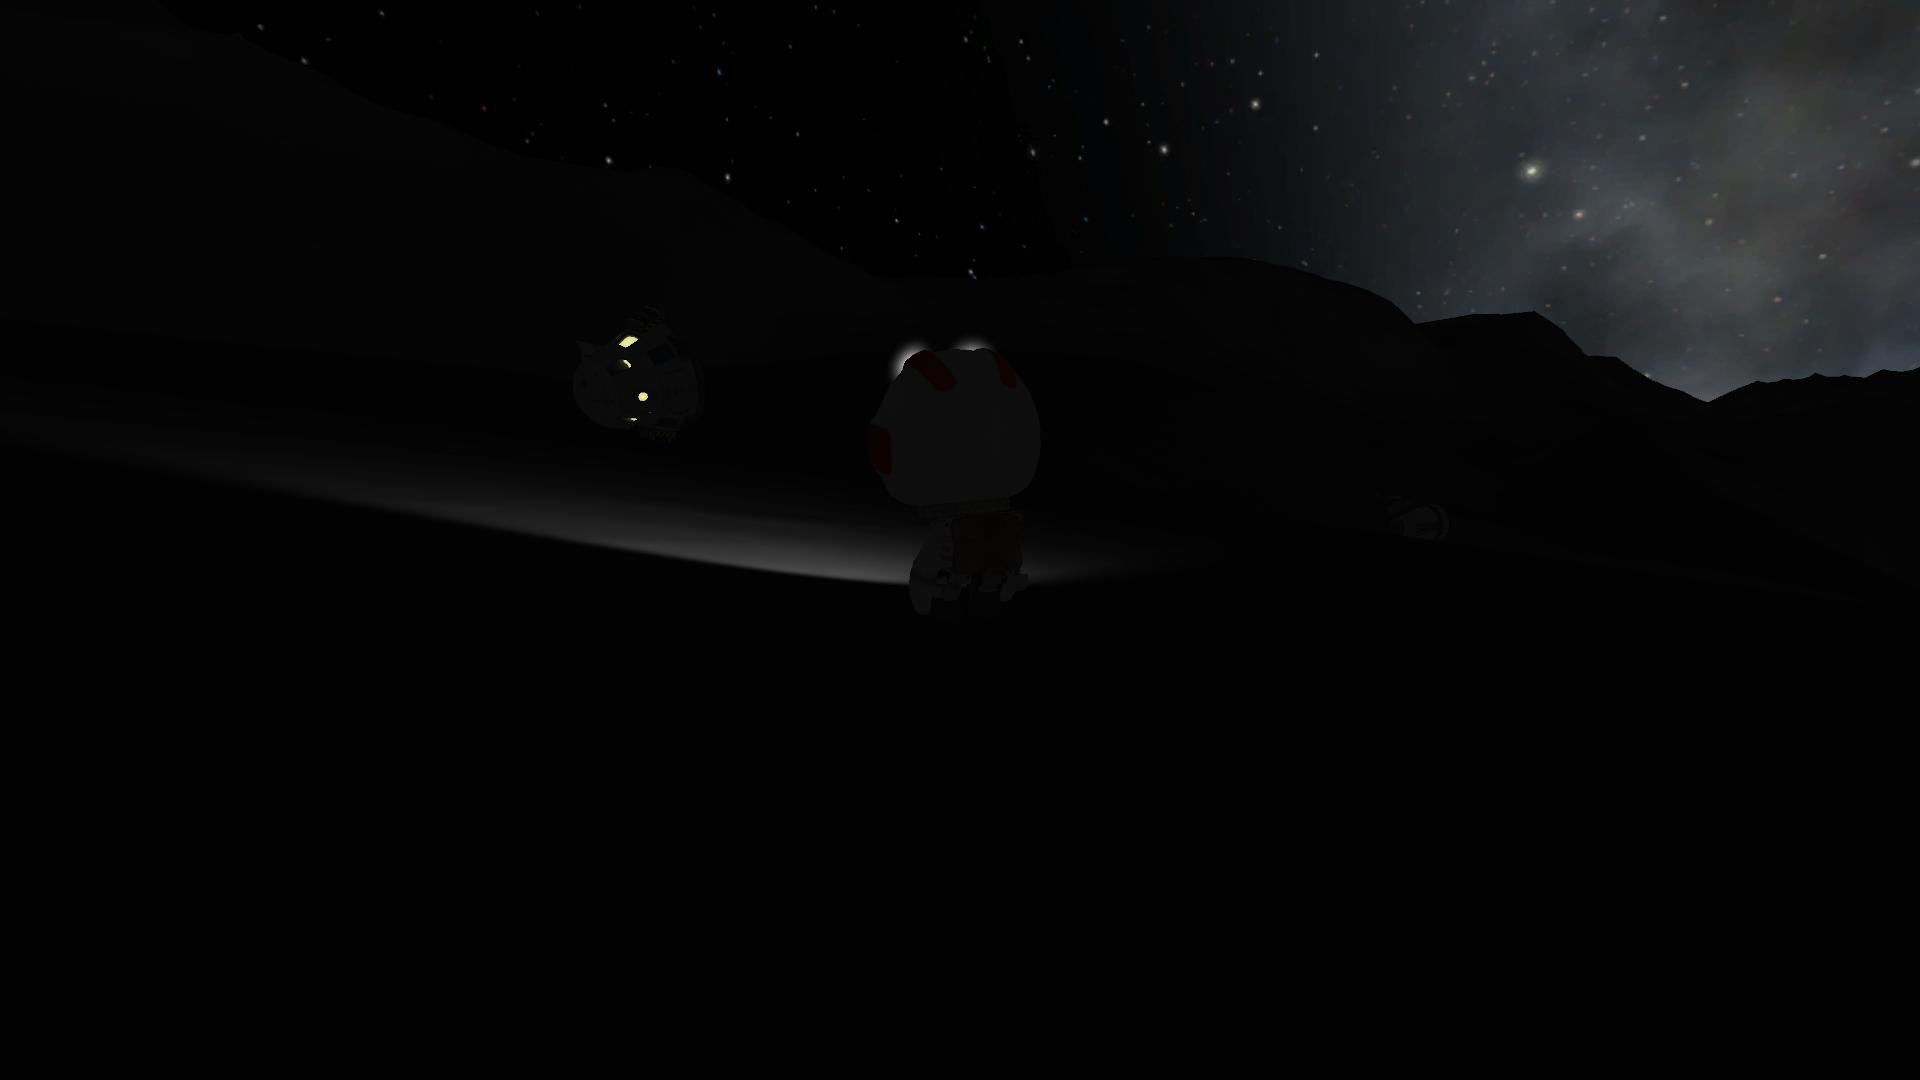 Mission de sauvetage sur la Lune